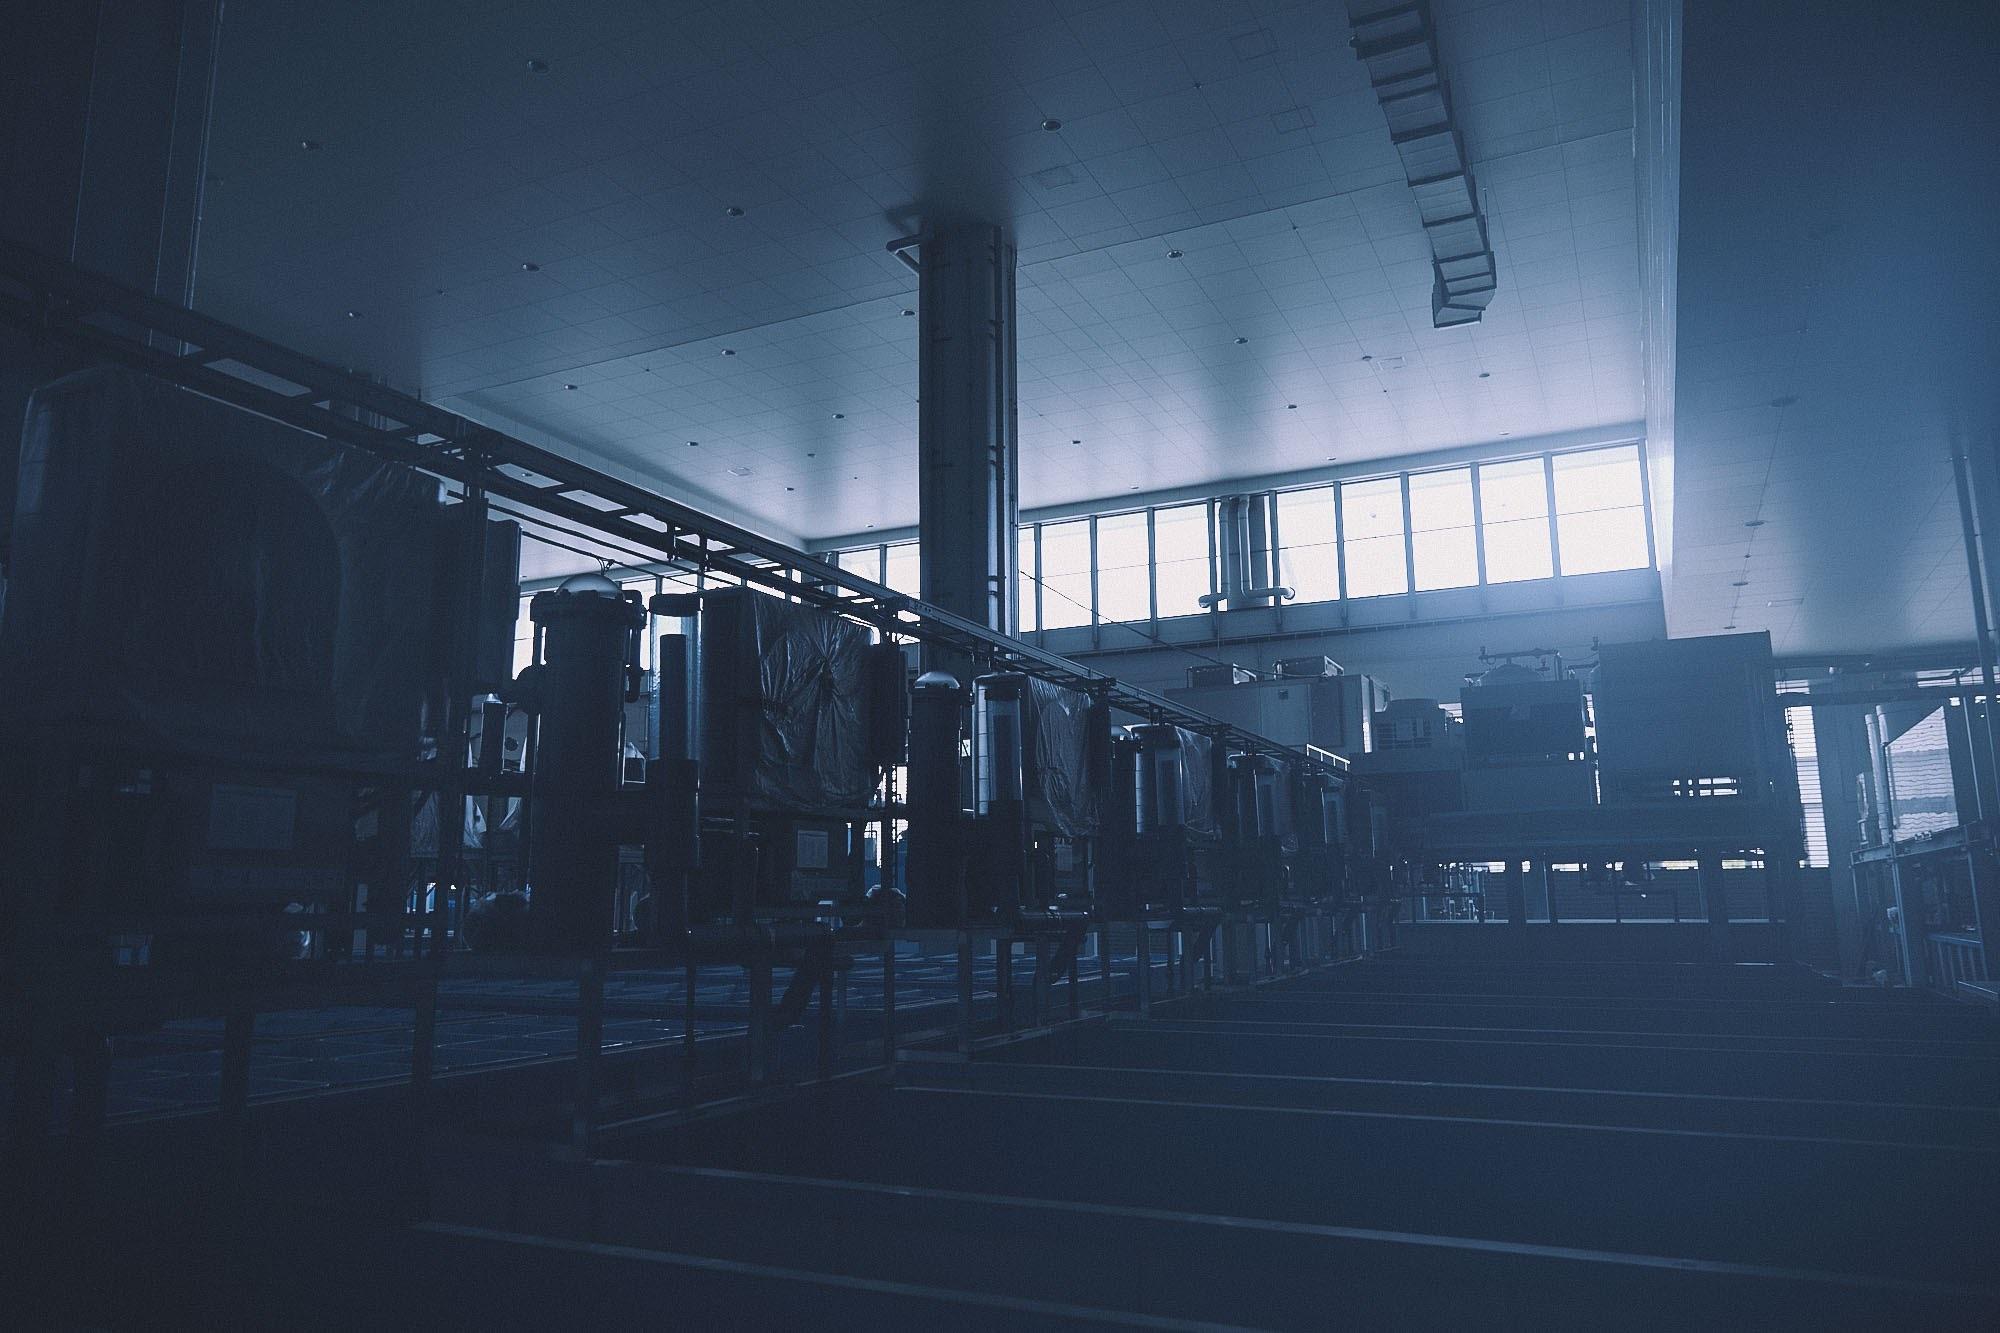 豊洲新市場の内部の写真